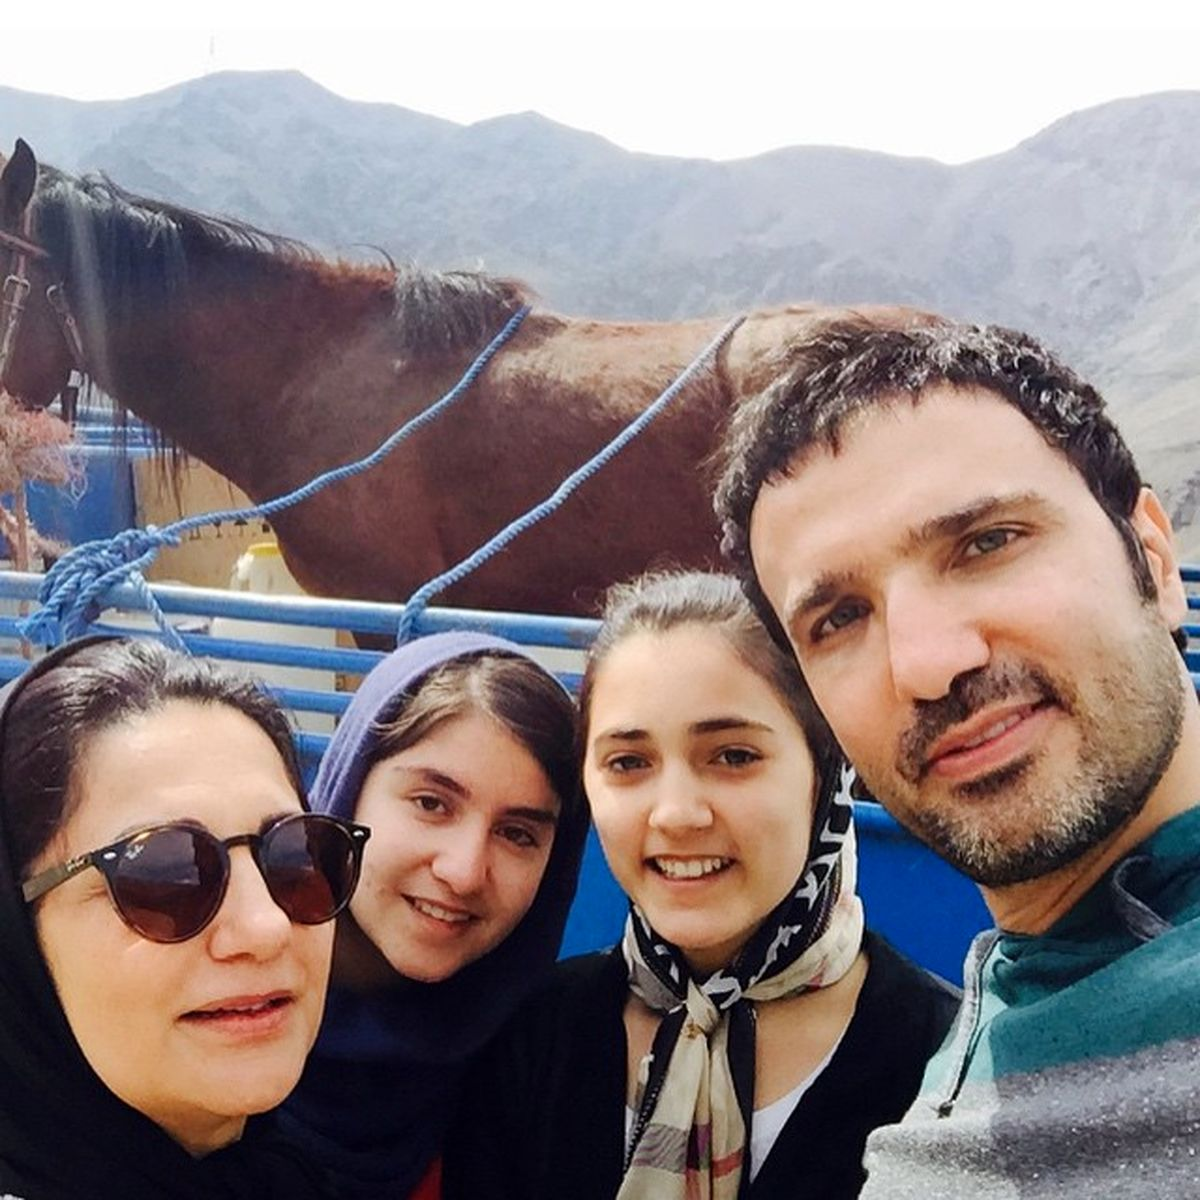 محمدرضا فروتن از همسر و فرزندش رونمایی کرد +عکس خانوادگی